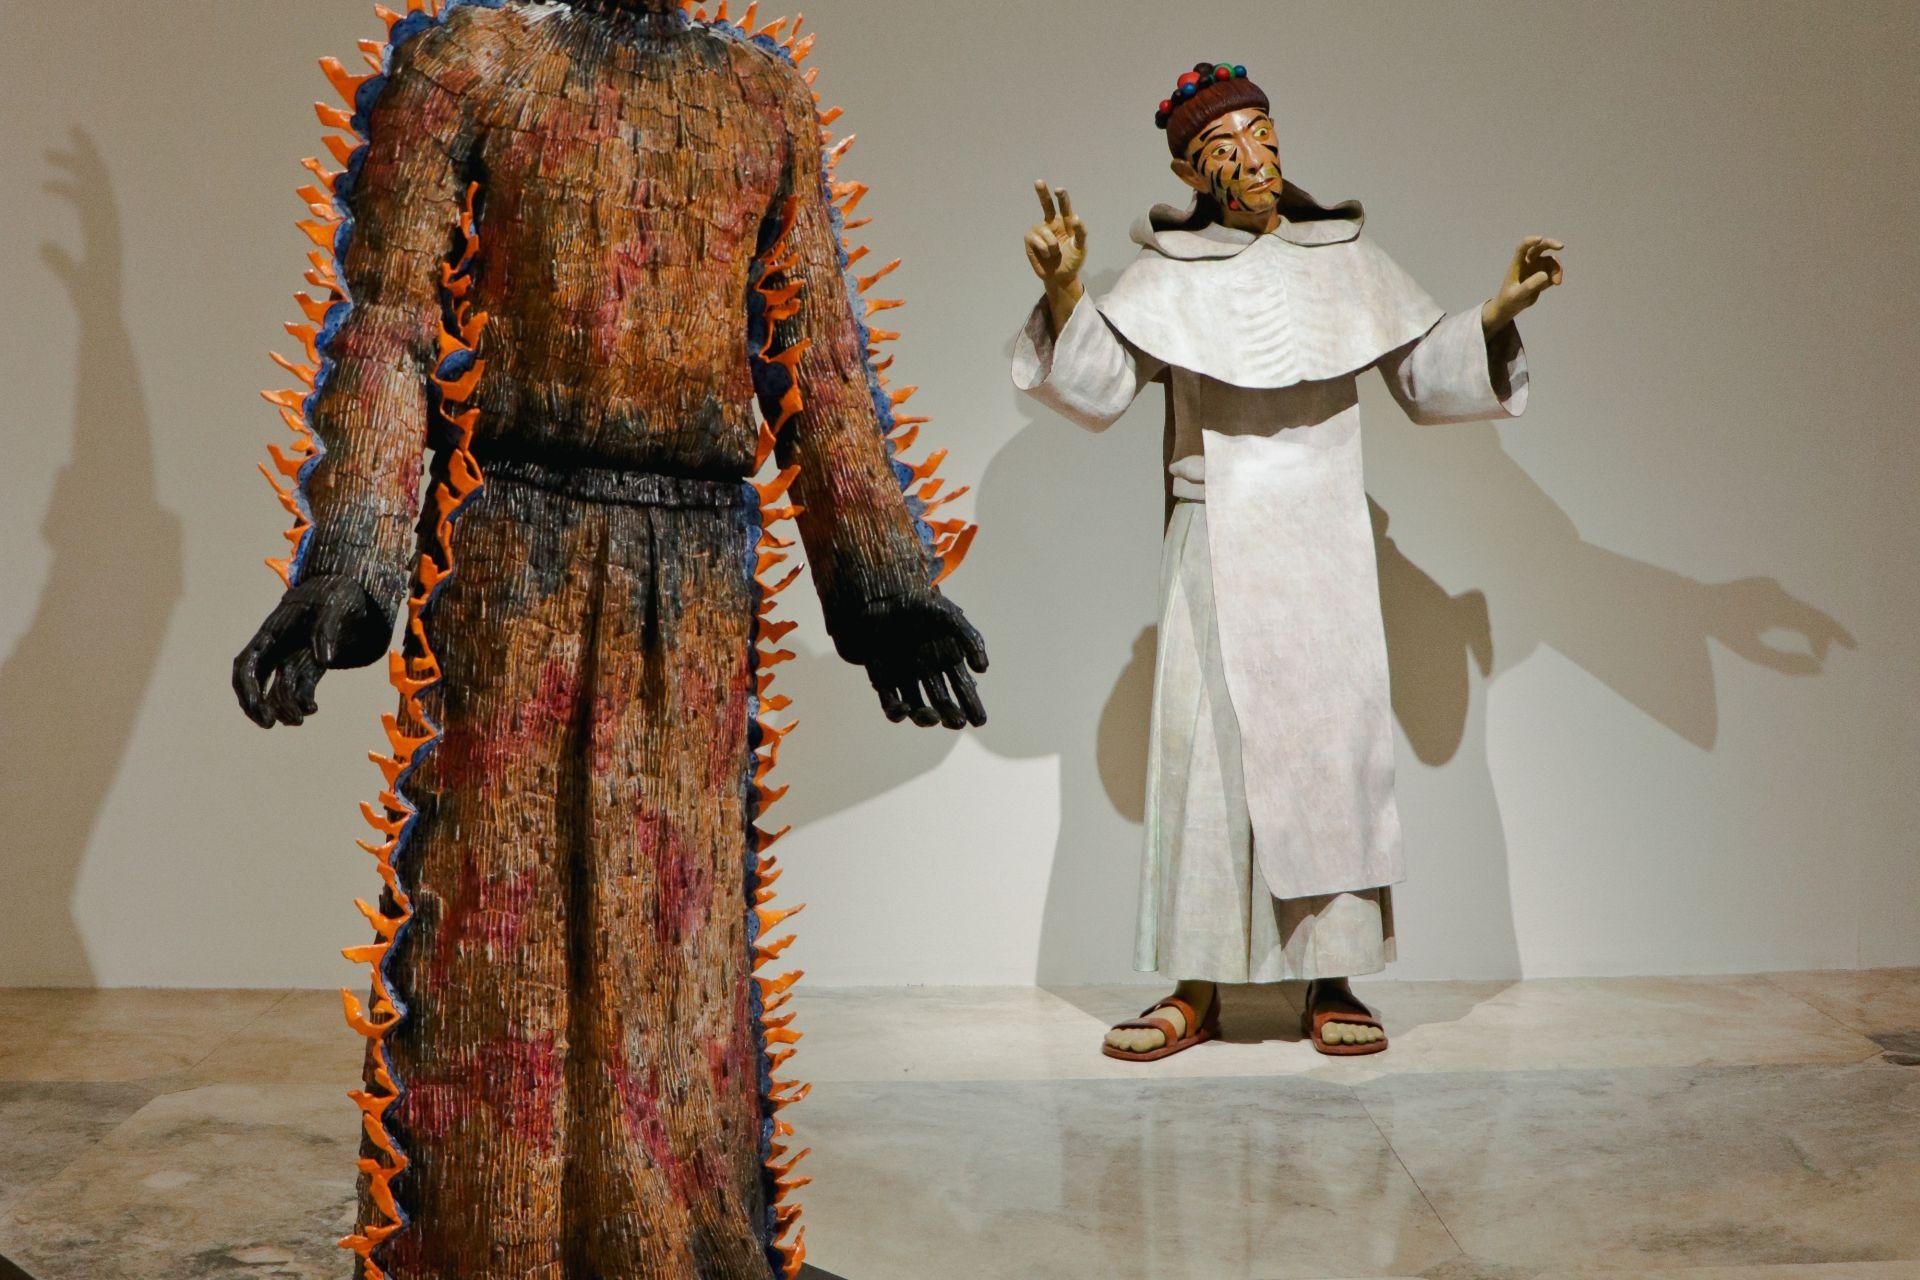 Sculptures by Roberto Feleo (Philippines)